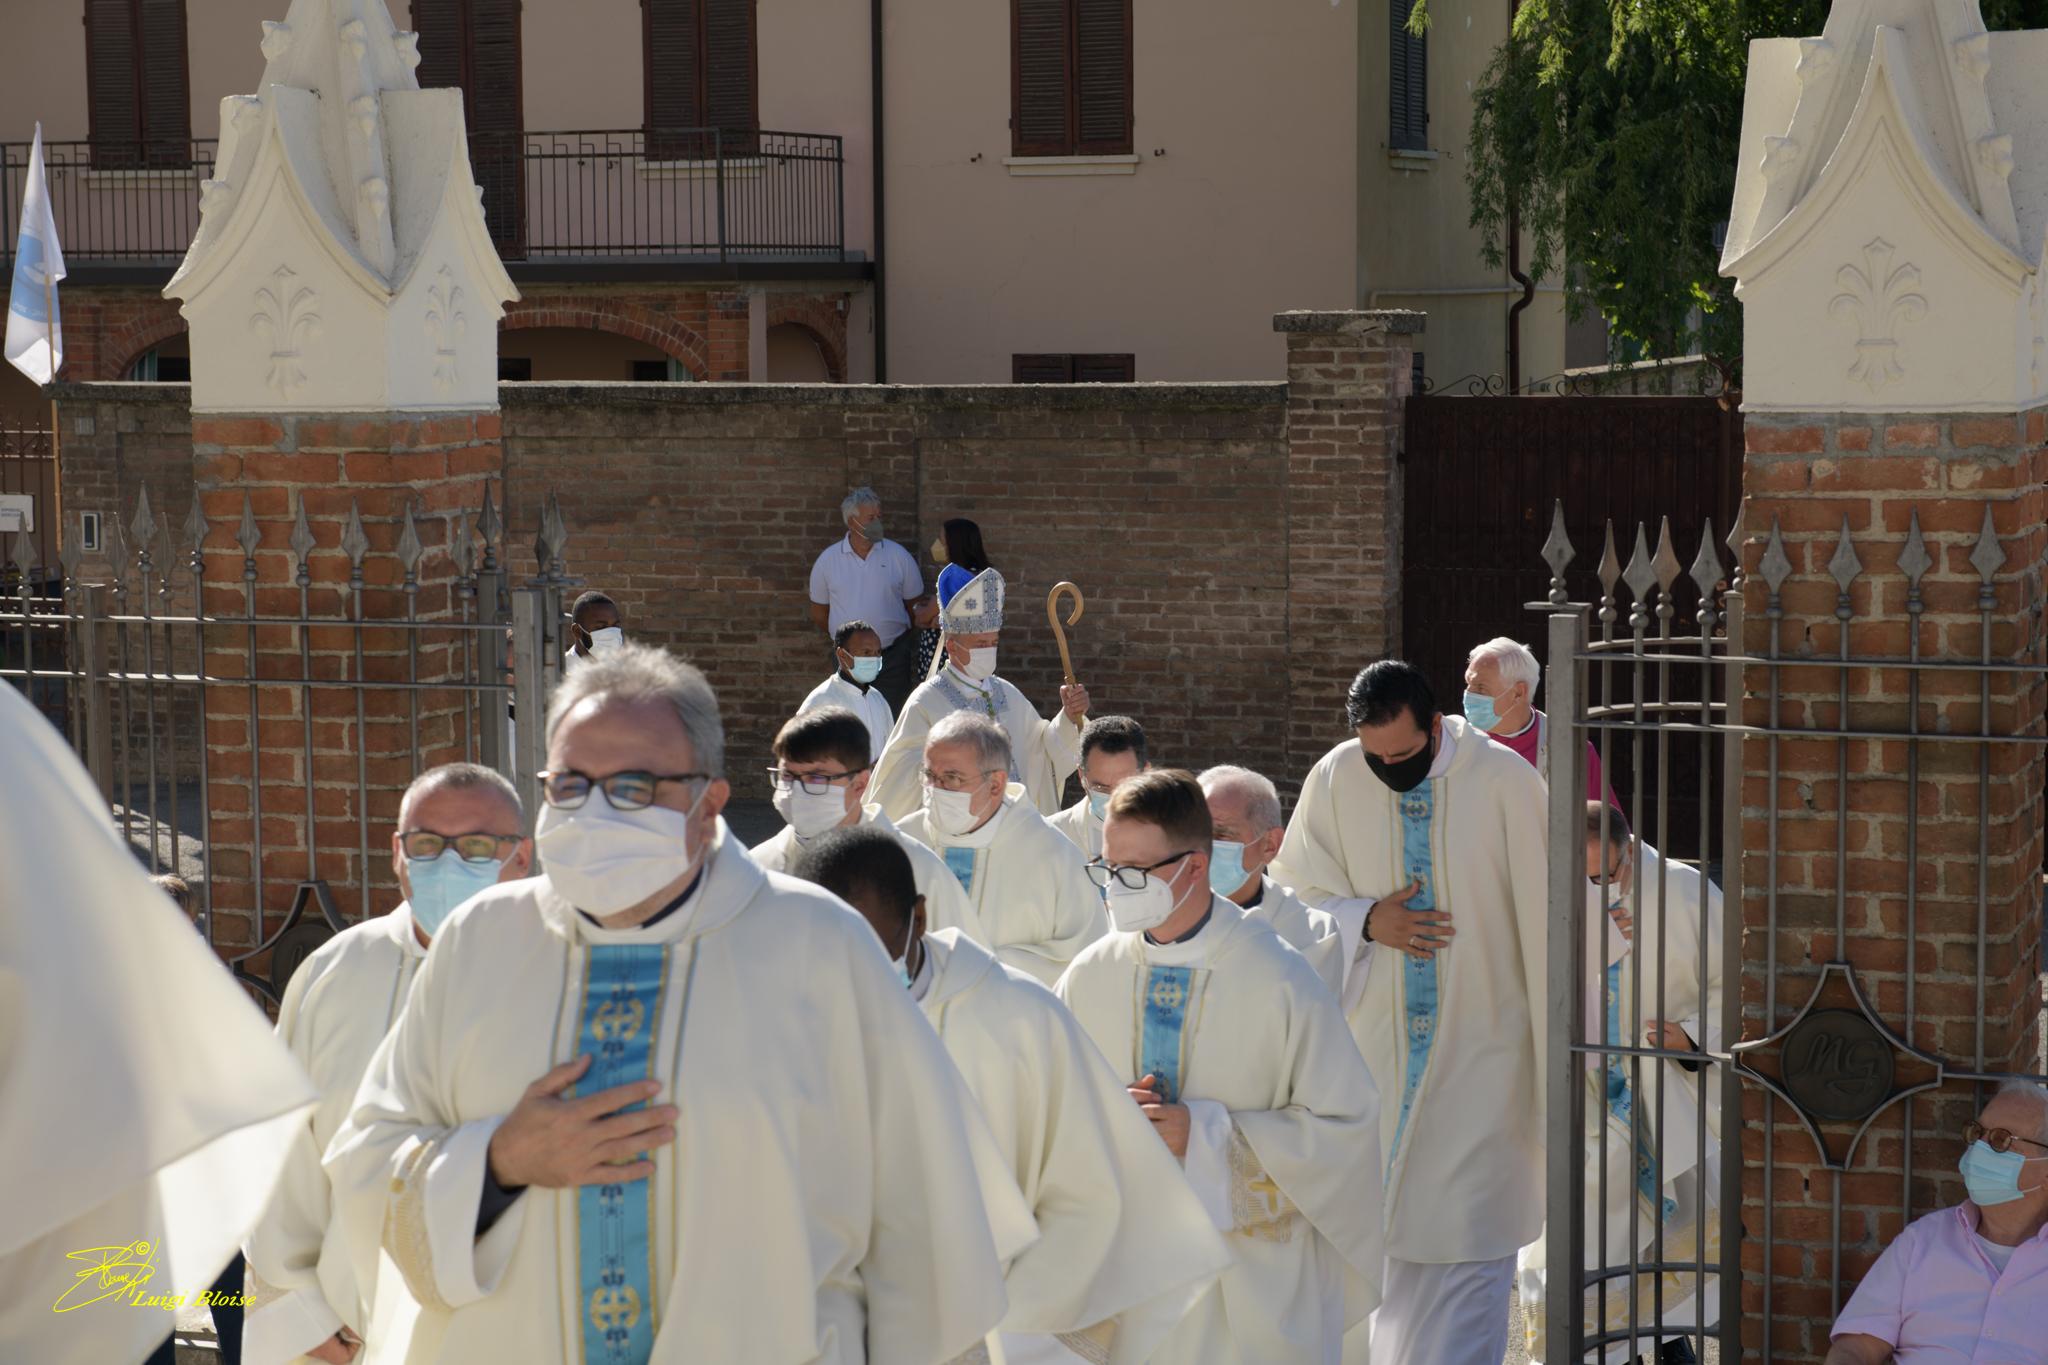 29-agosto-2021-Viola-17-e-processione-MdG-–-FOTO_mdg_-14